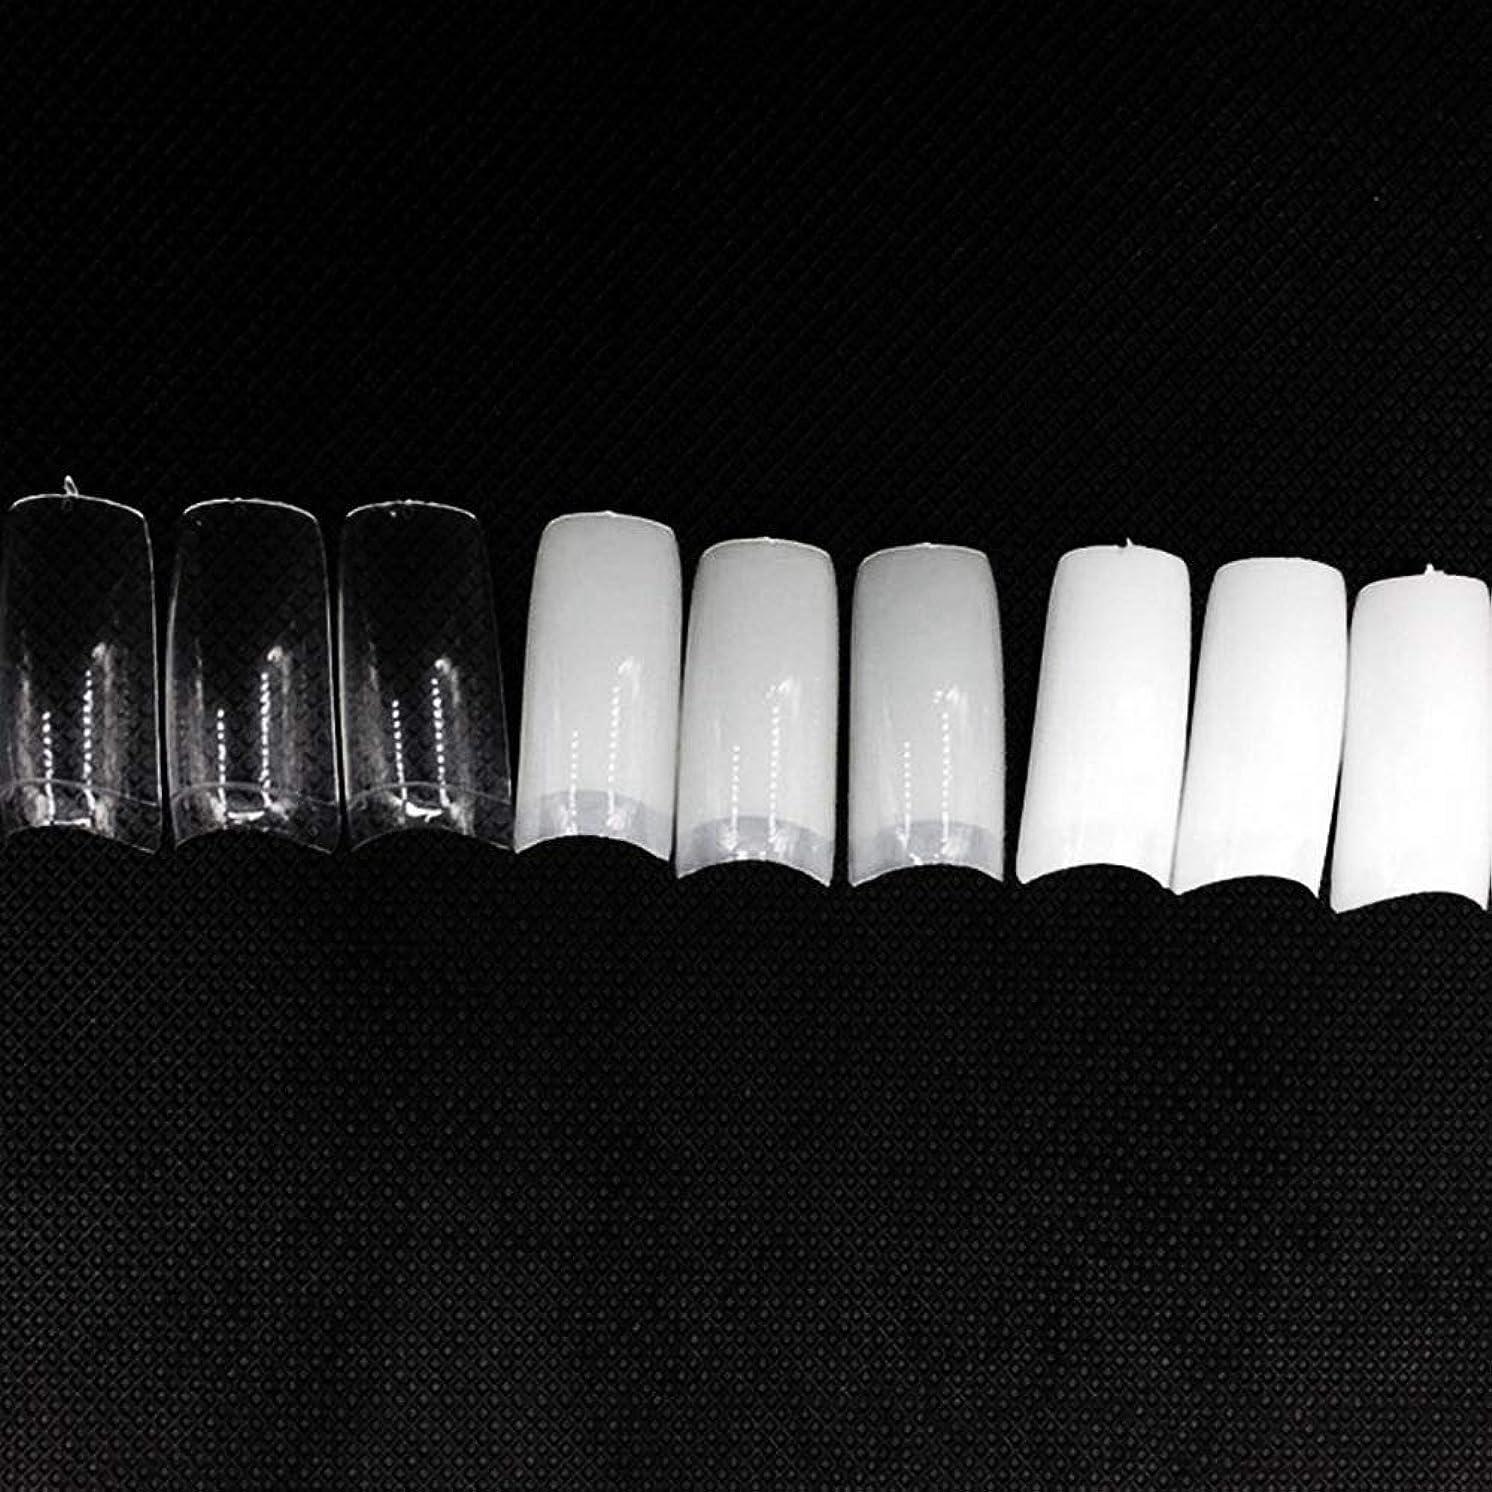 ロマンスいつかポルノネイルチップ つけ爪 偽爪 無地 ロング オーバル 10サイズ デコレーション フルチップ シンプル DIY デザイン 500個/セット Moomai